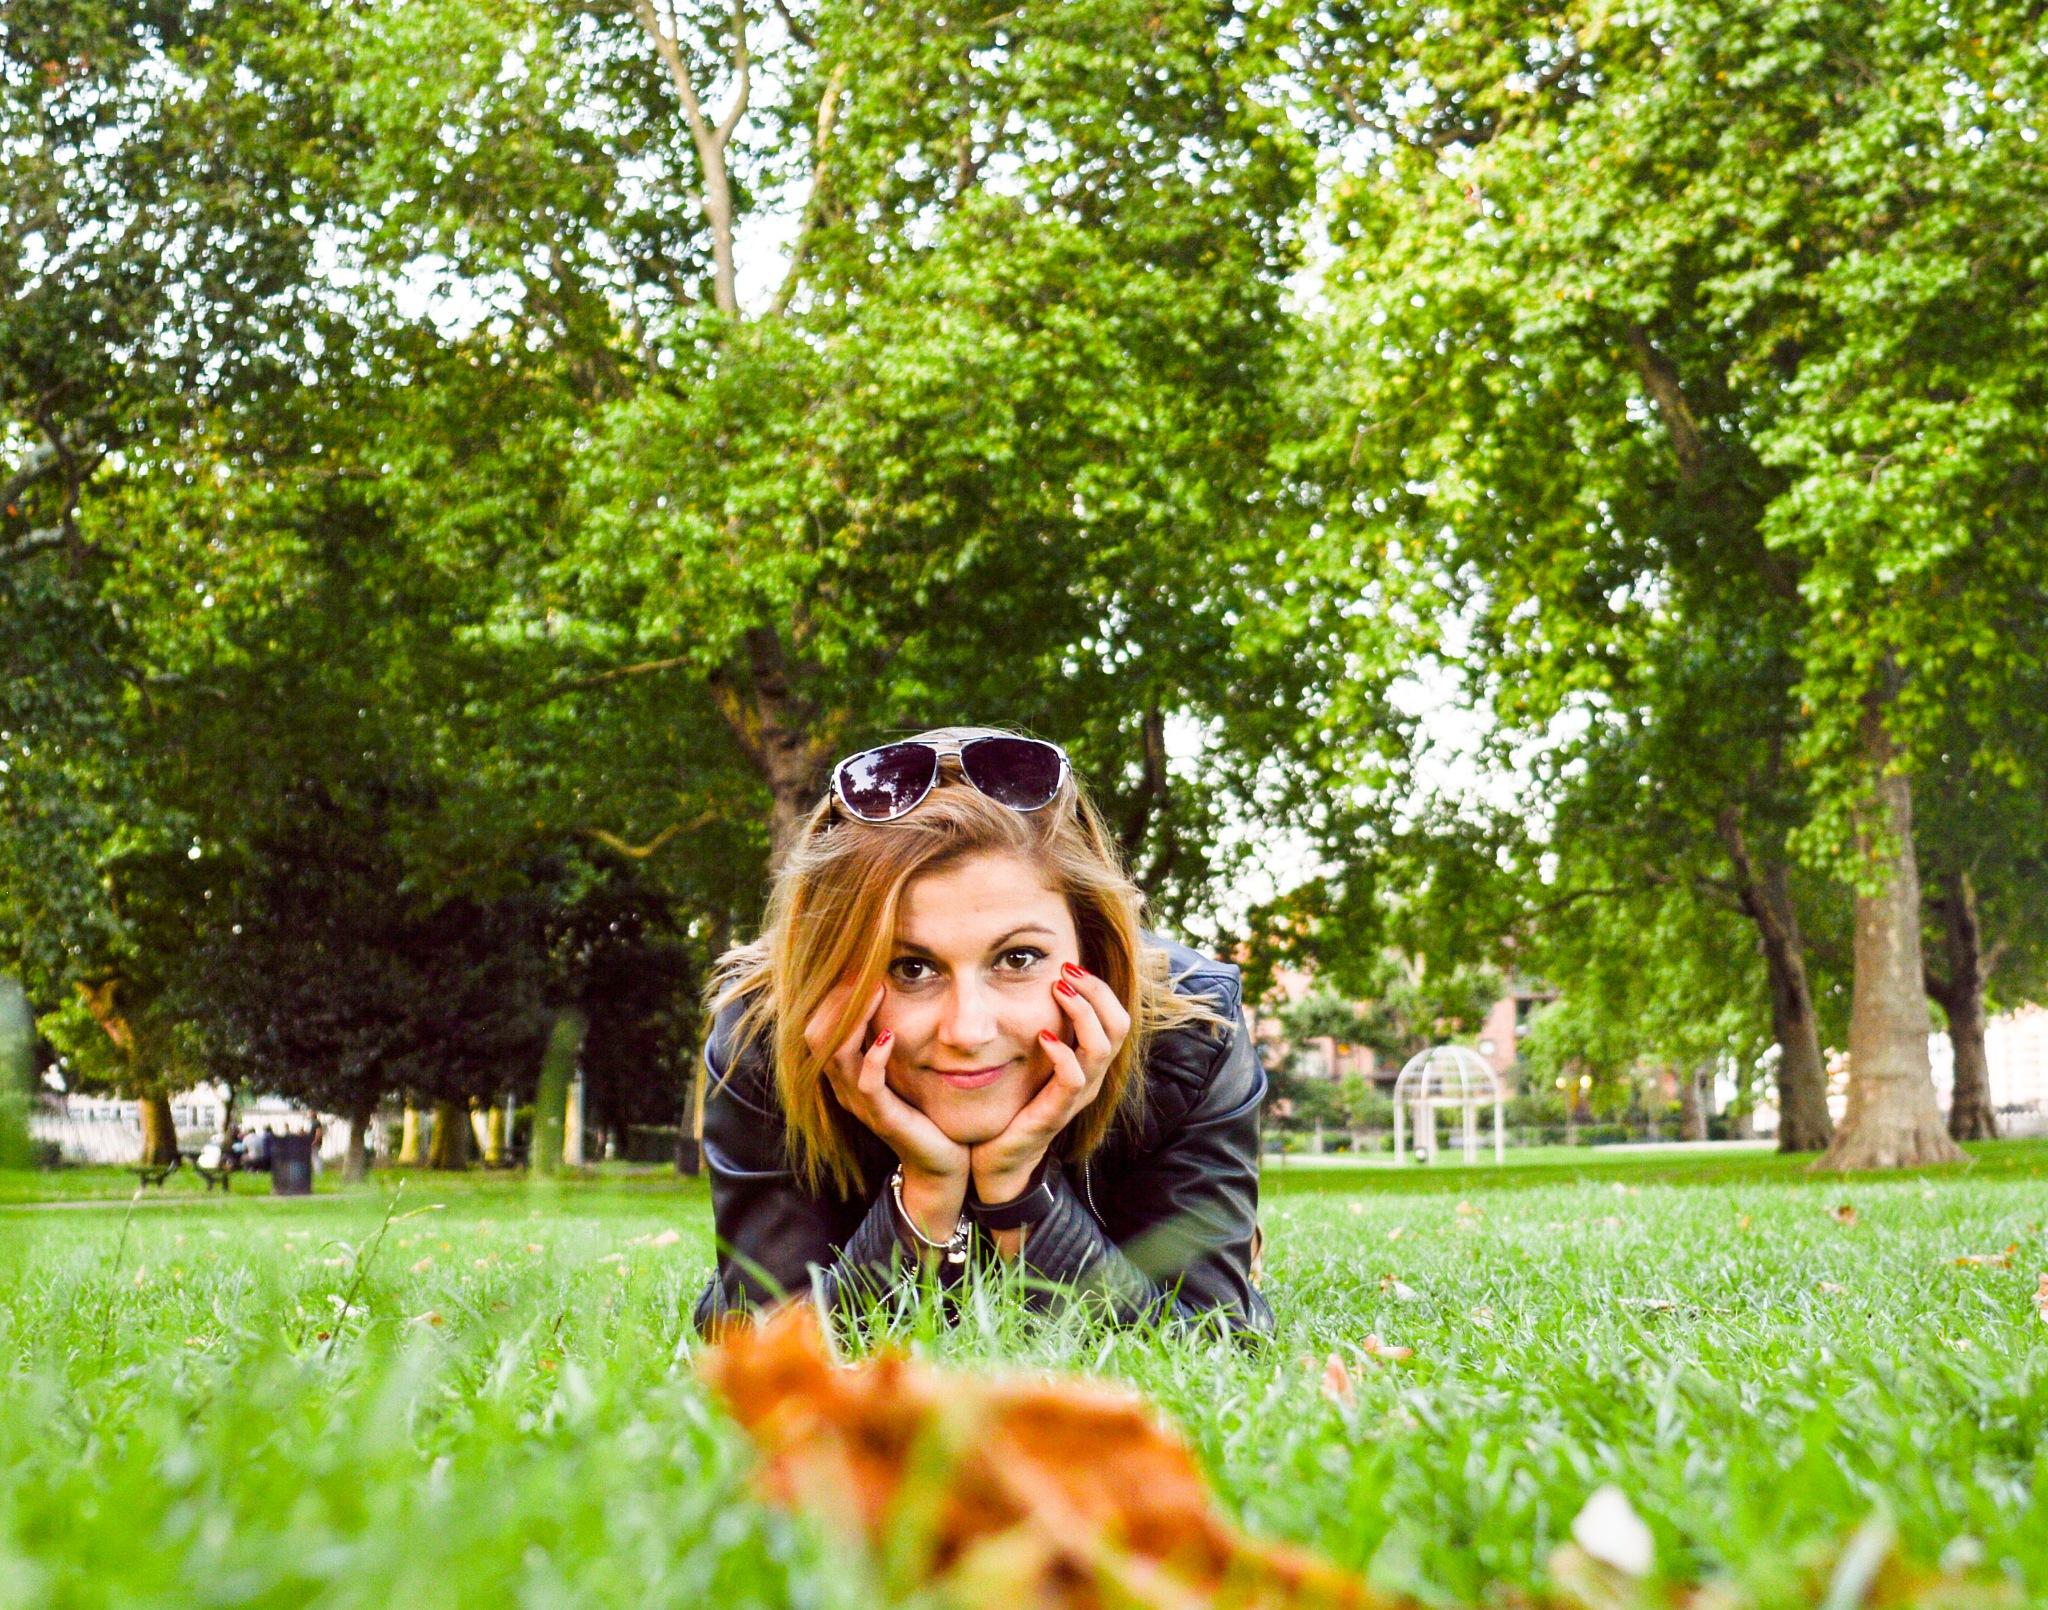 smiley face by janaivanova88